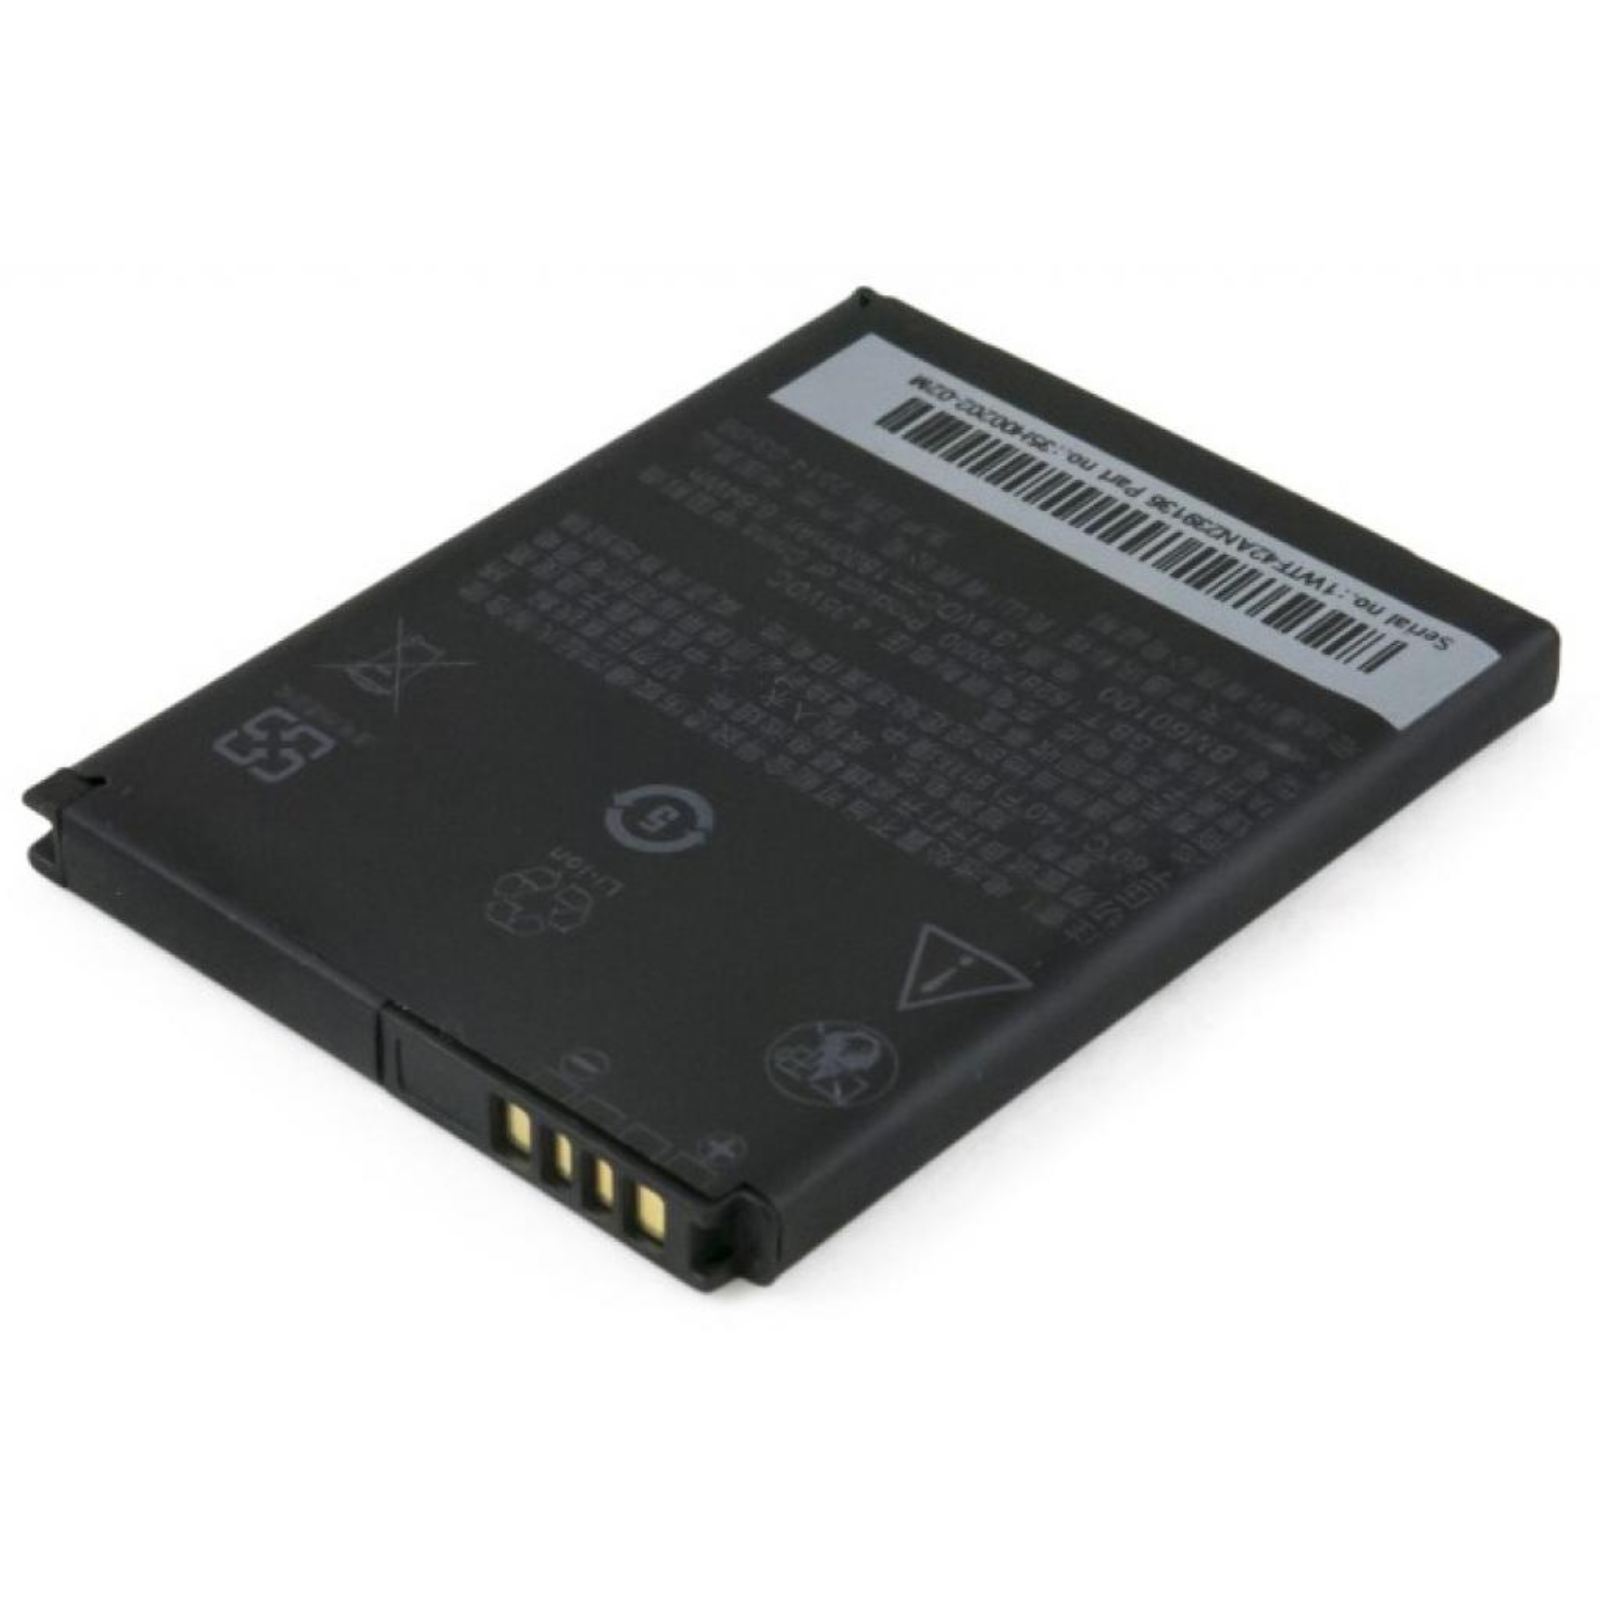 Аккумуляторная батарея EXTRADIGITAL HTC Desire 600 (1800 mAh) (BMH6236) изображение 4